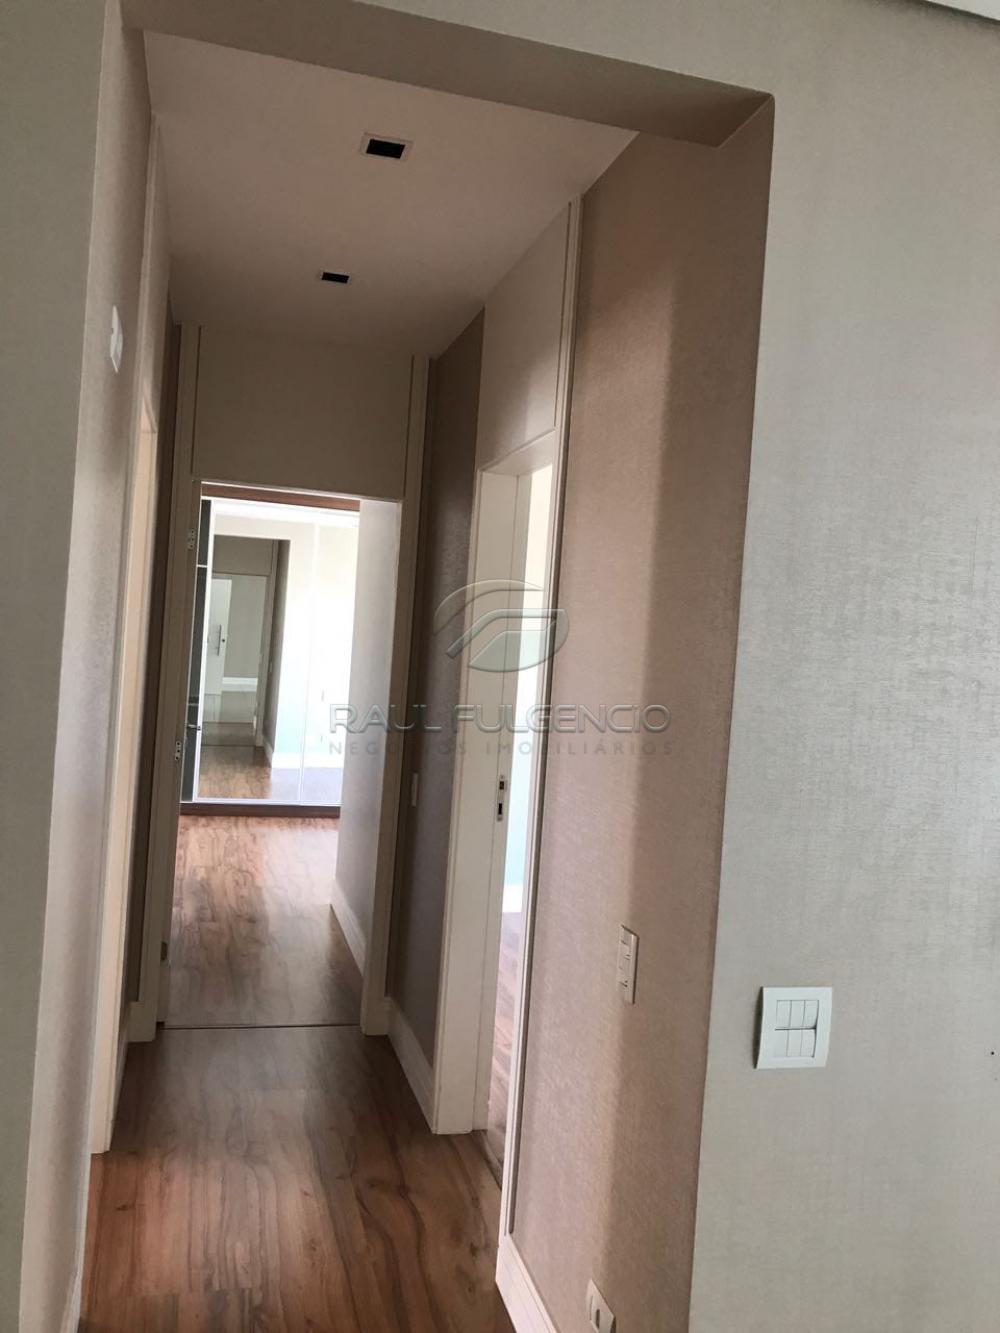 Alugar Apartamento / Padrão em Londrina apenas R$ 4.800,00 - Foto 19